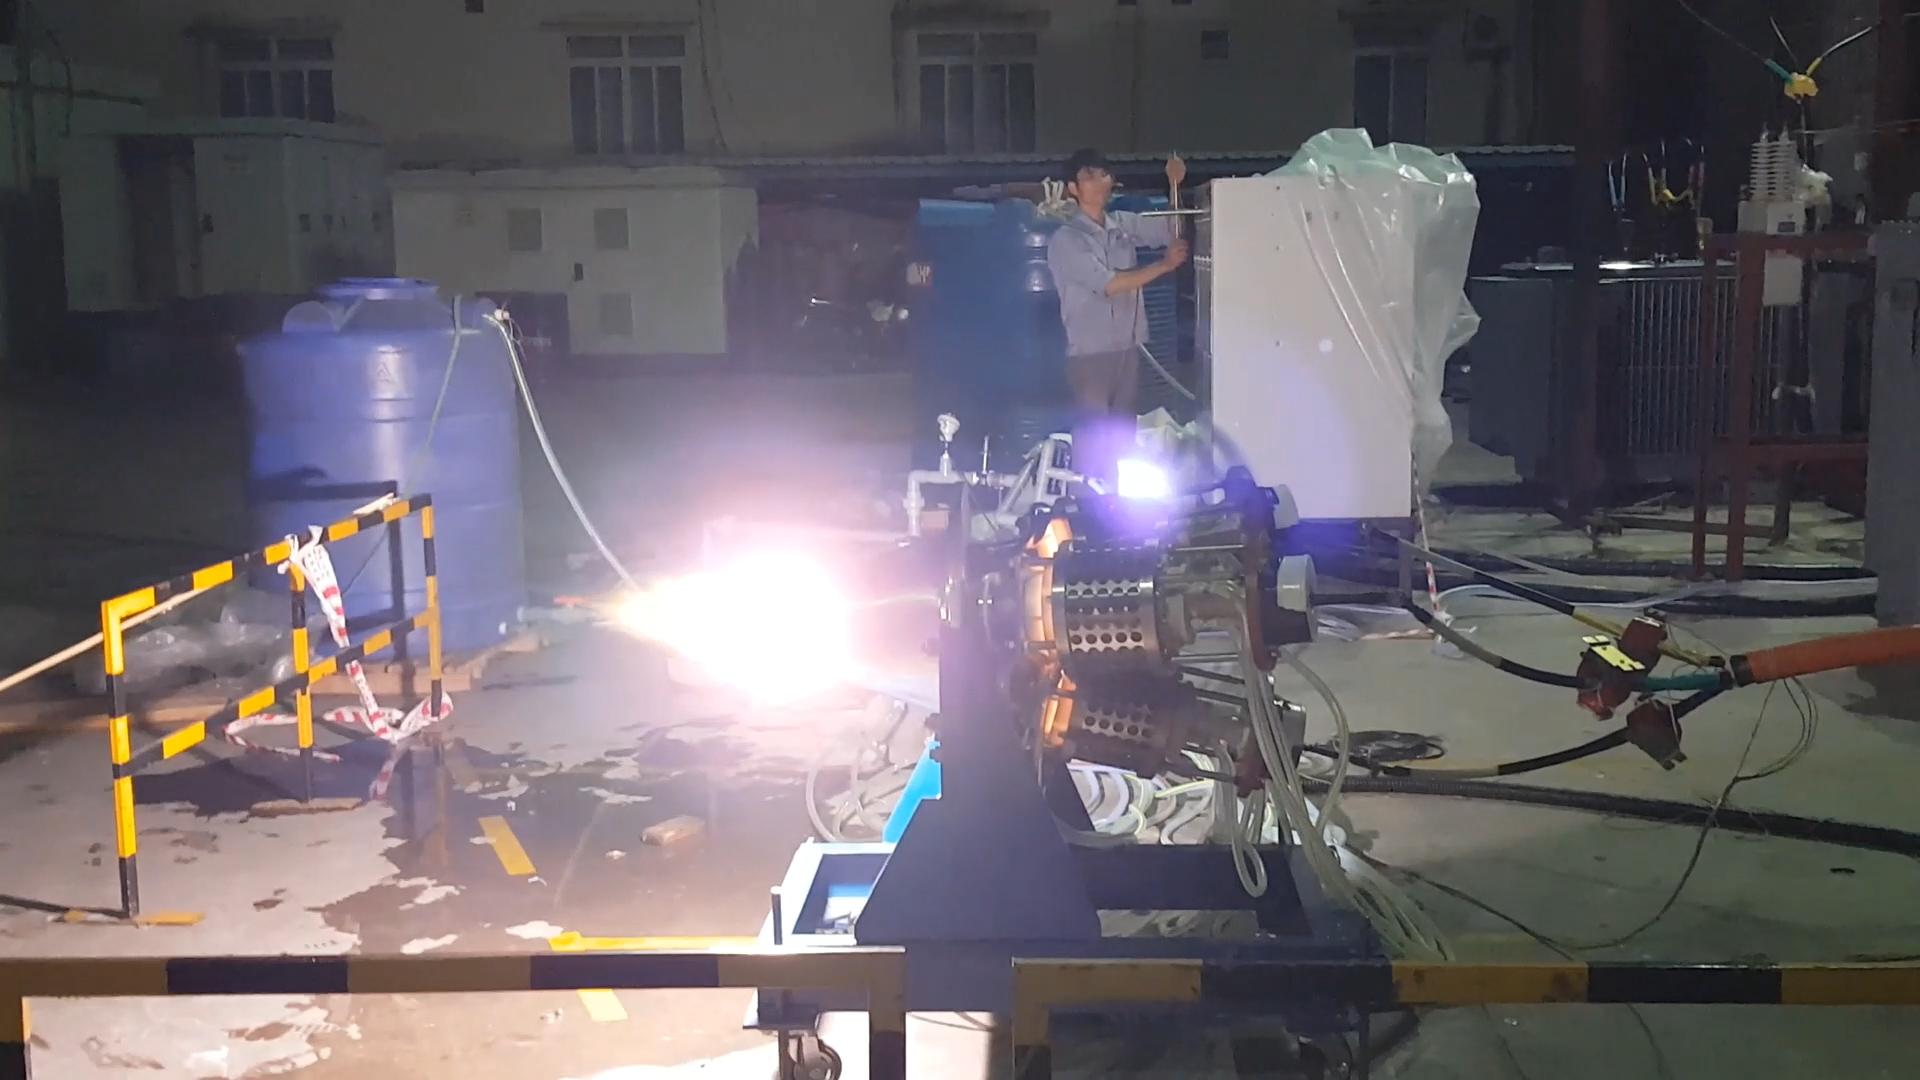 Система плазменного генератора большой мощности продолжает испытания и достигла хороших результатов